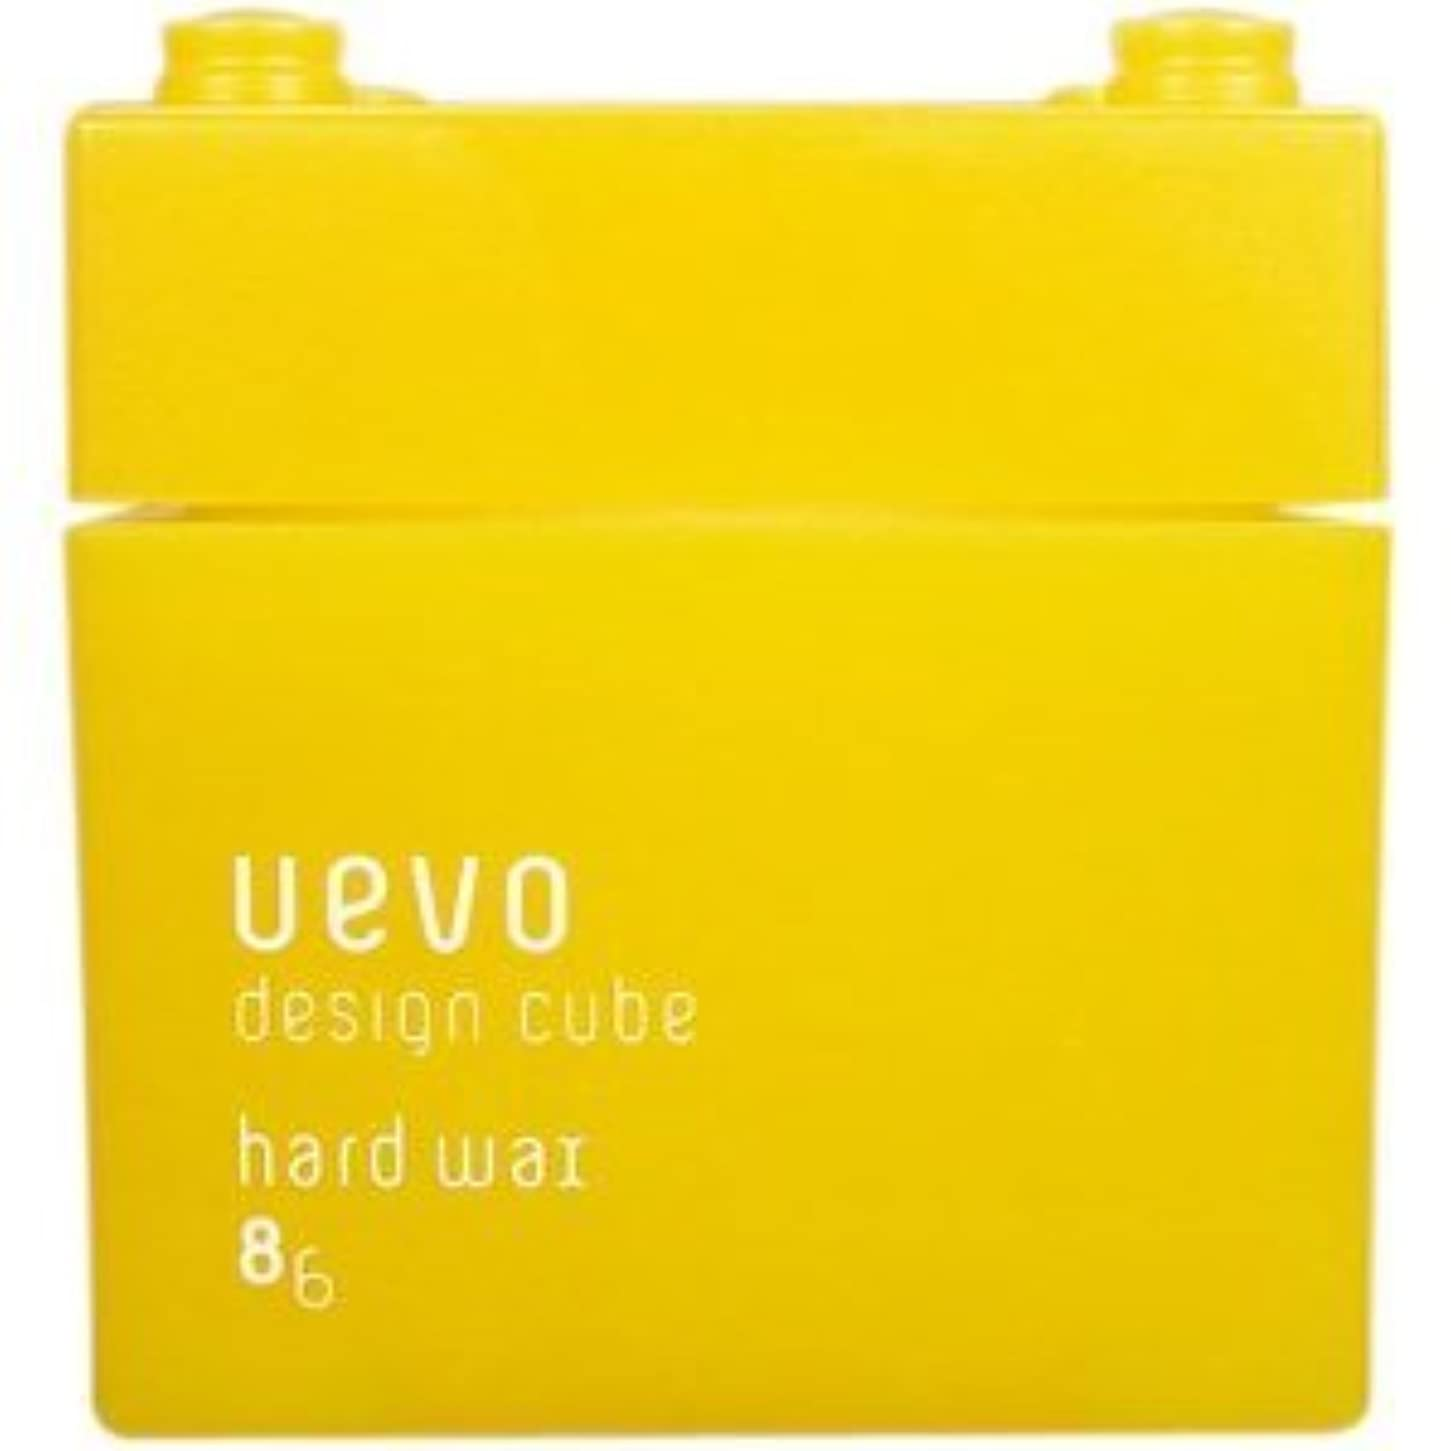 認可悪用ビリーヤギ【X3個セット】 デミ ウェーボ デザインキューブ ハードワックス 80g hard wax DEMI uevo design cube